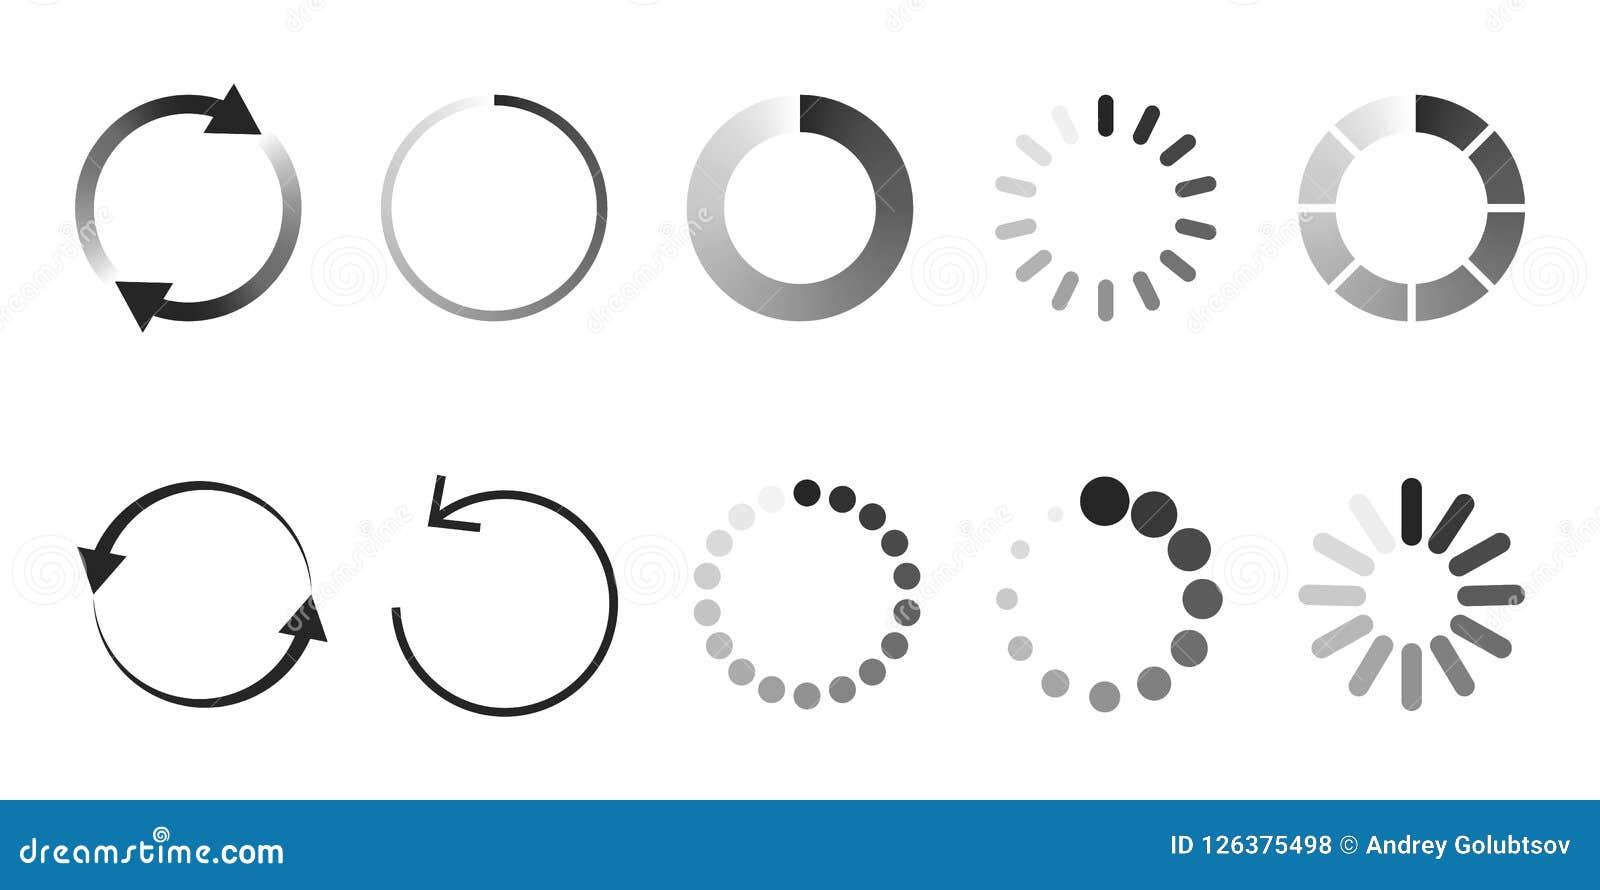 Load icon. Circle website buffer loader or preloader.